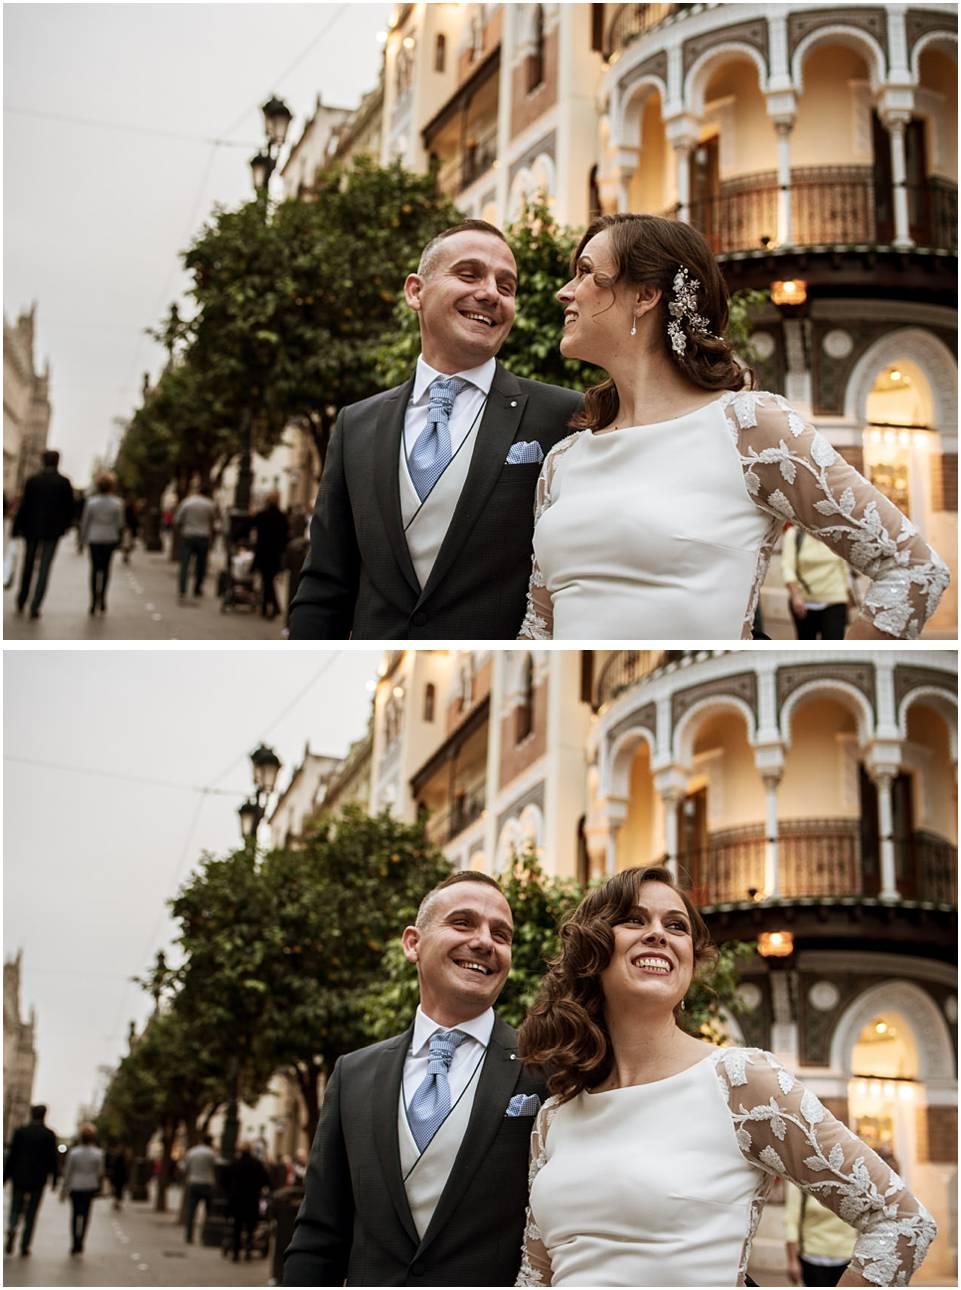 Post boda en Sevilla, fotógrafo de bodas